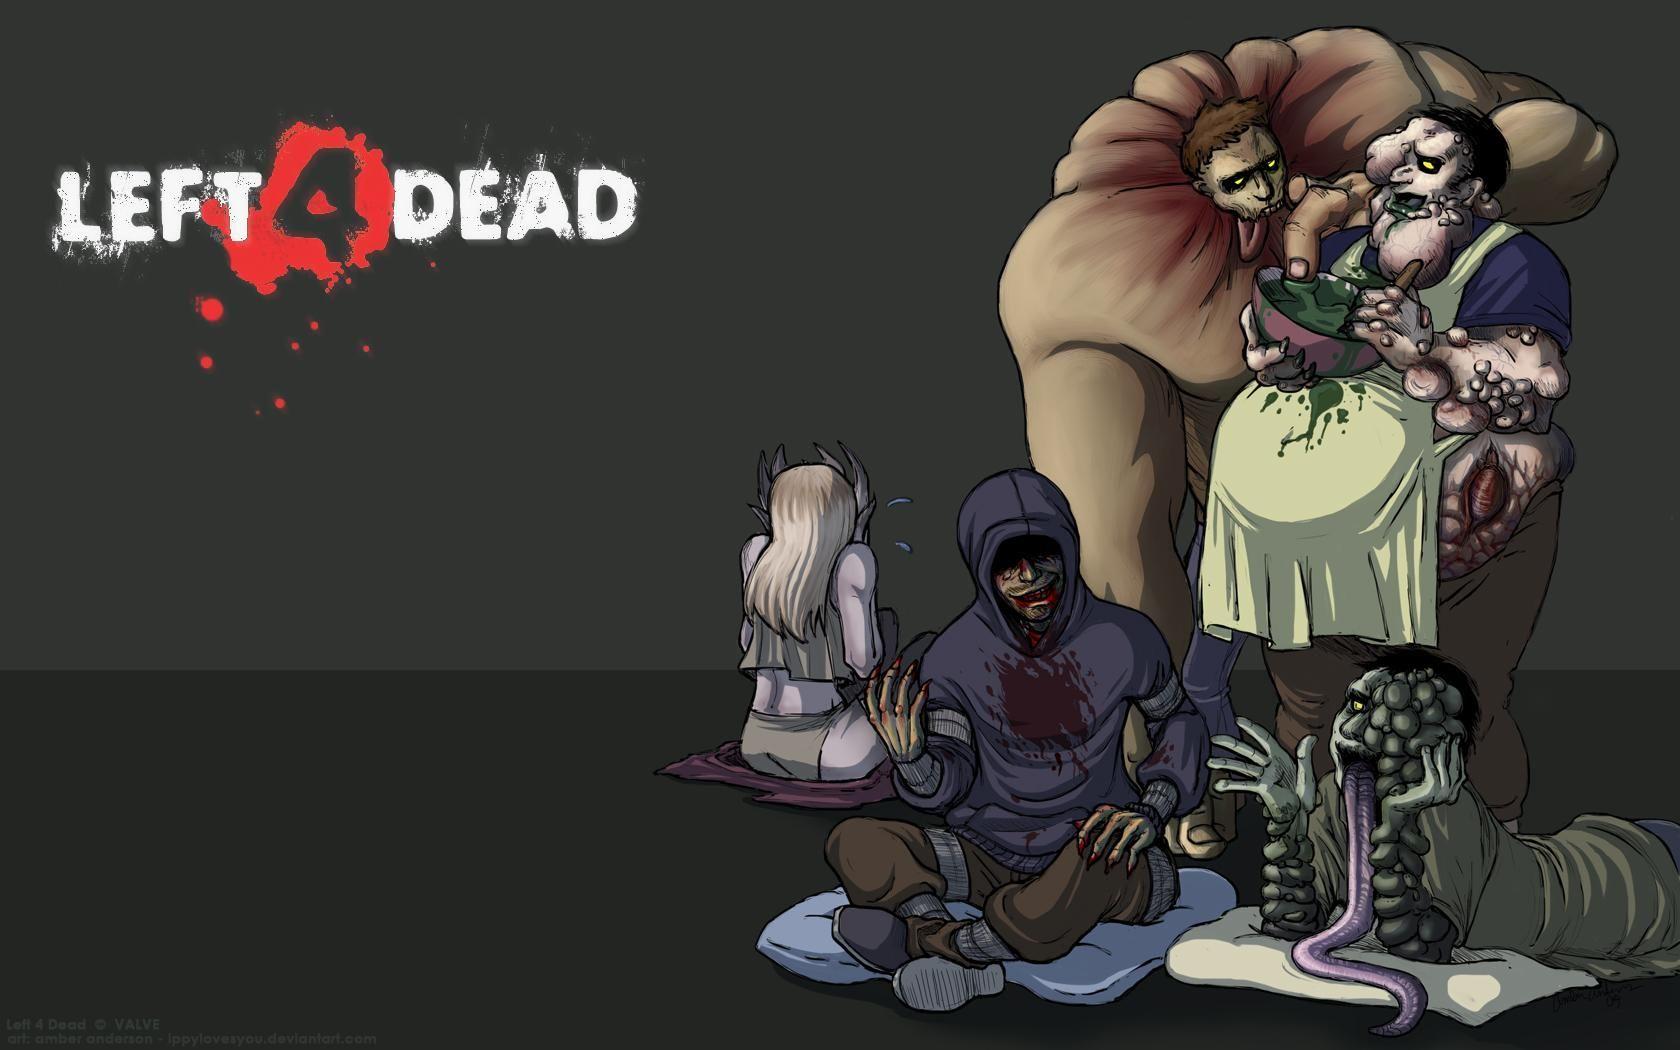 Game Left Dead Wallpapers Left 4 Dead Fan Art Tank Video Game